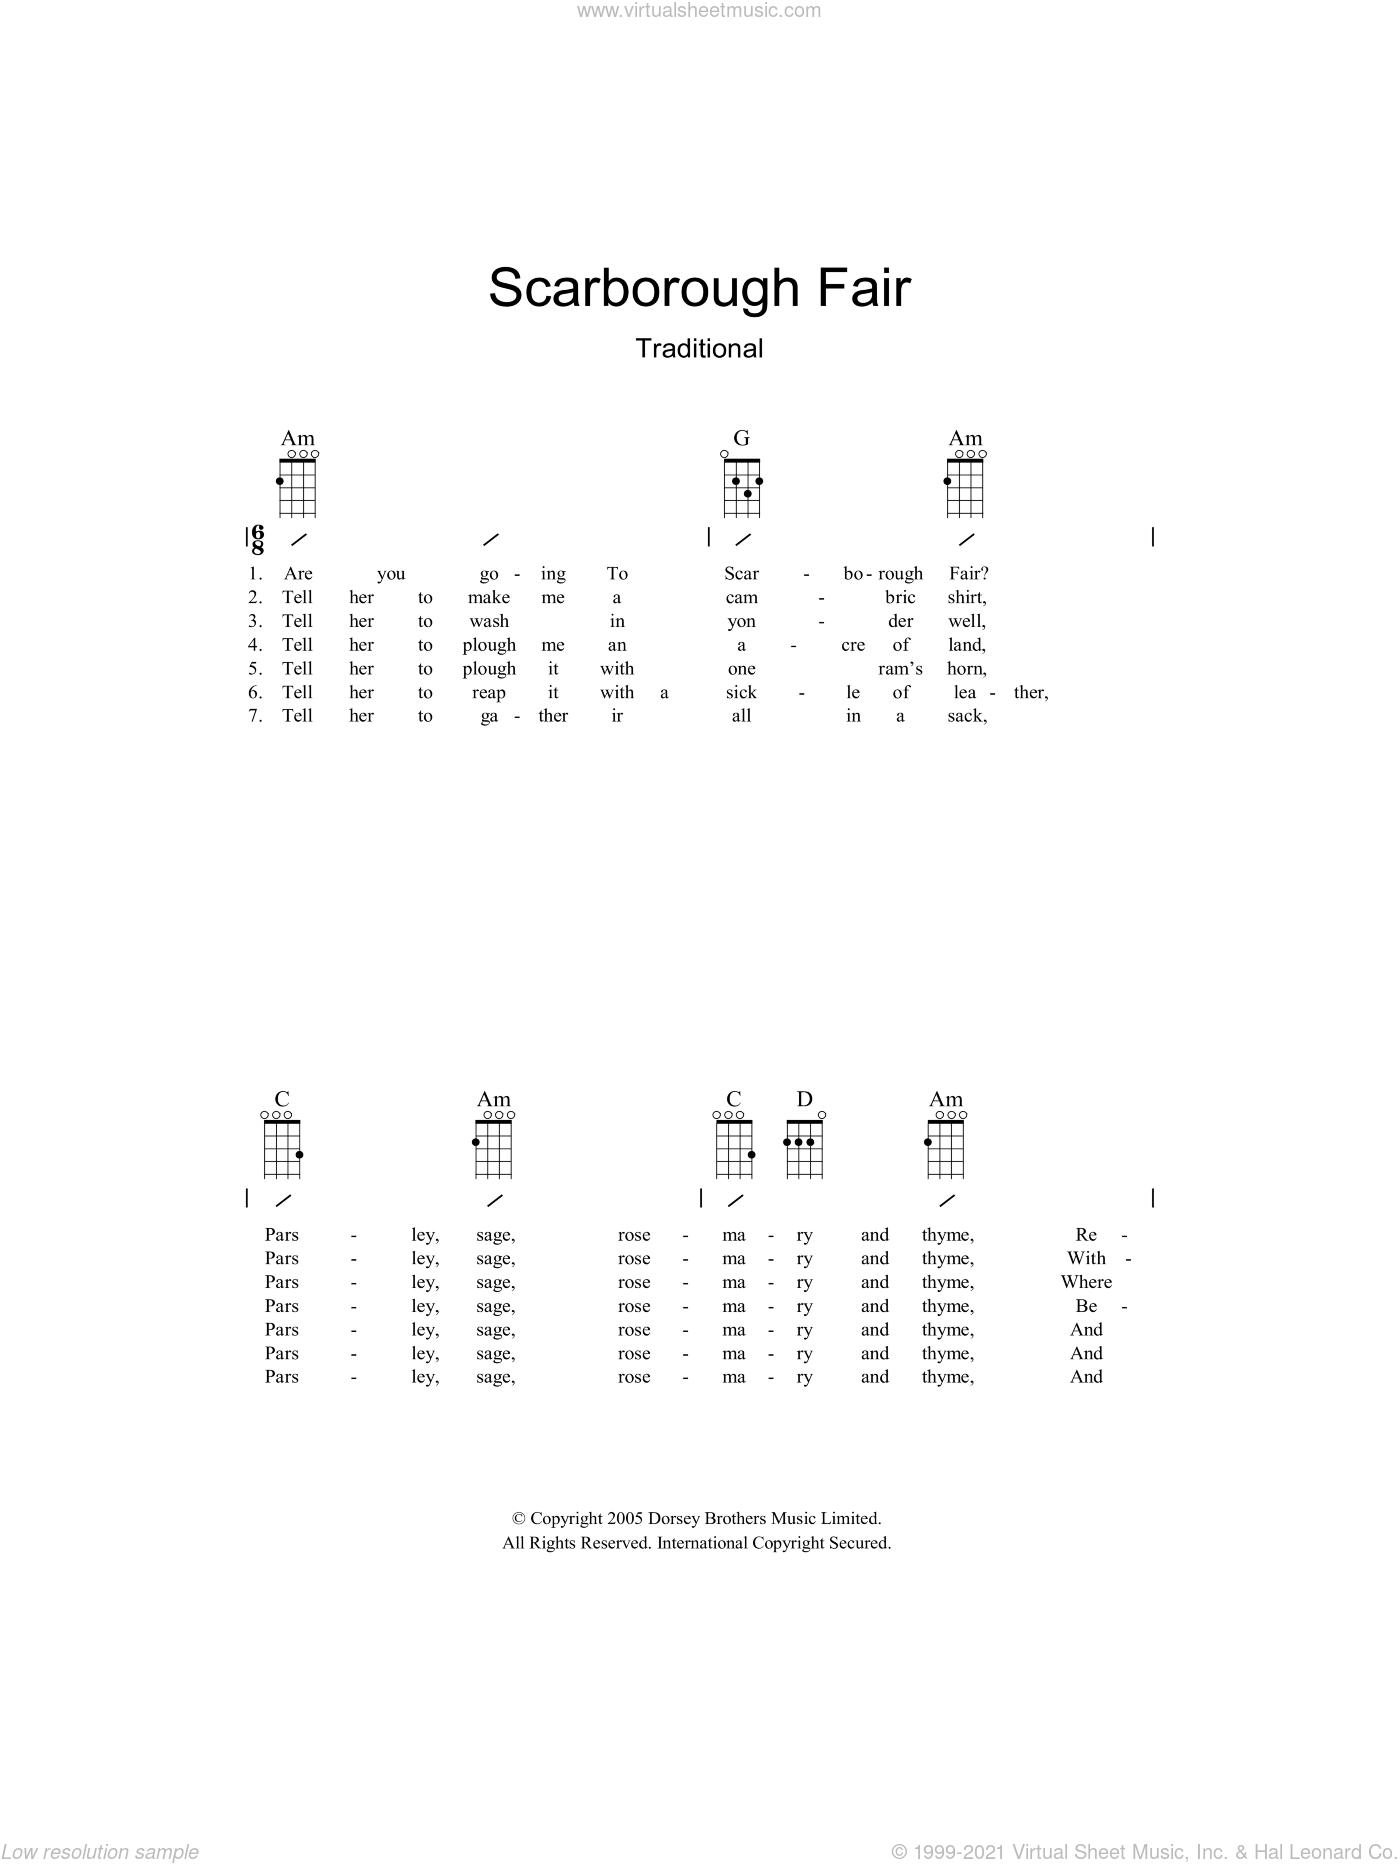 Scarborough Fair sheet music for guitar (chords)